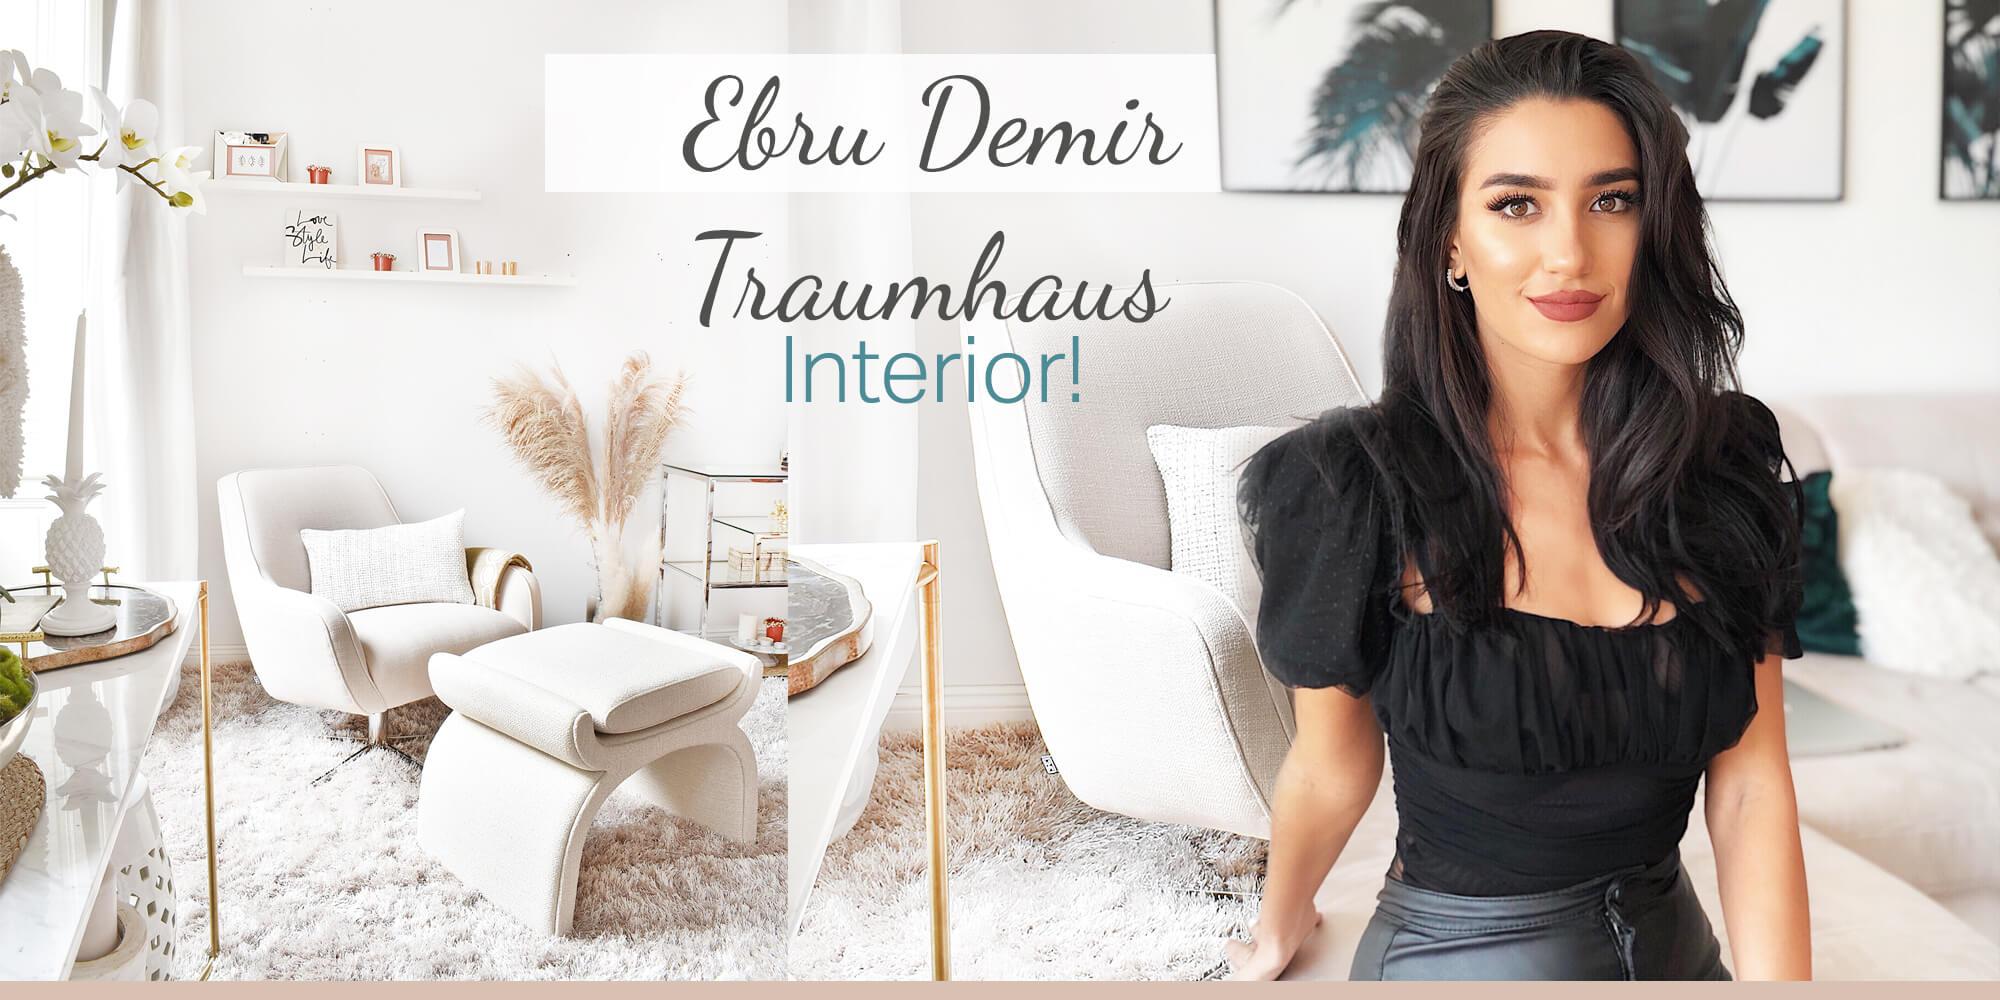 Ebru Demir Traumhaus Interior